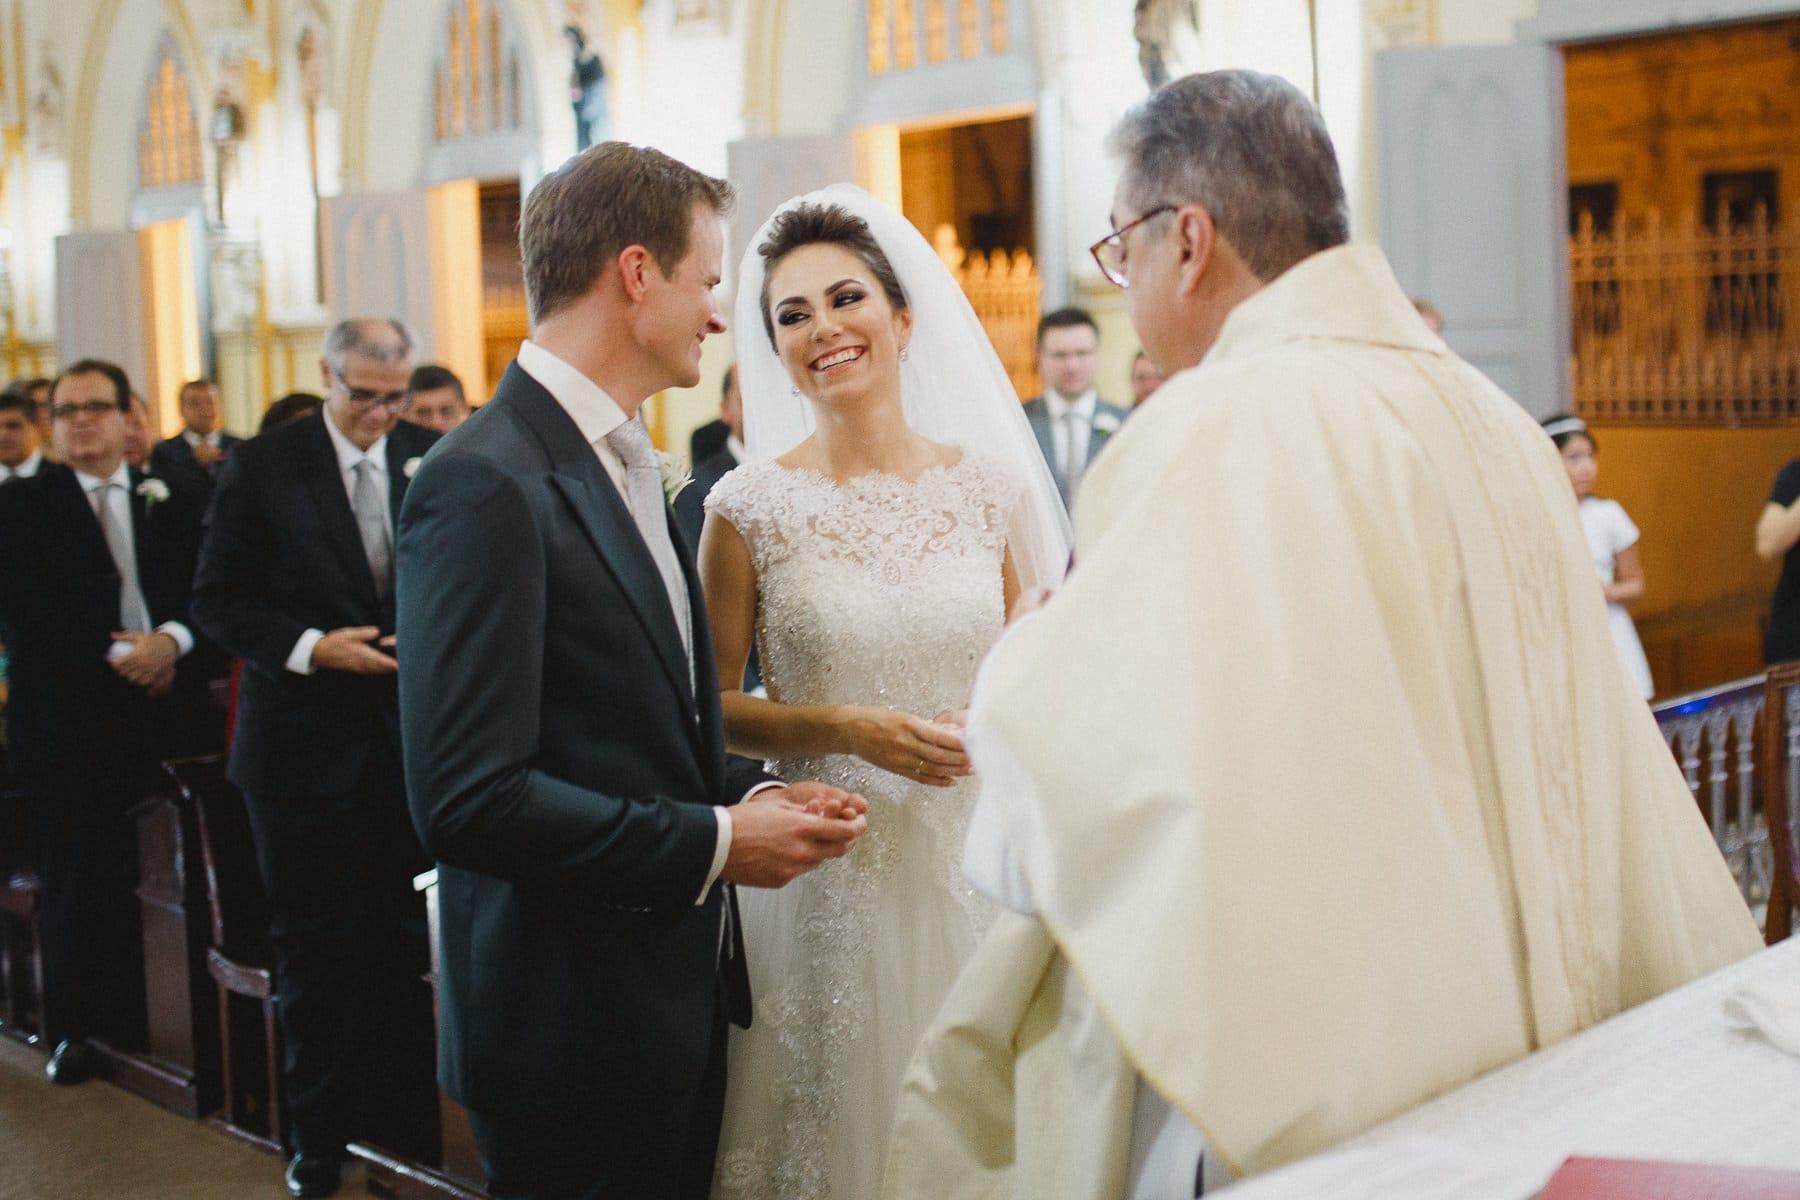 casamento-igreja-do-pequeno-grande-33